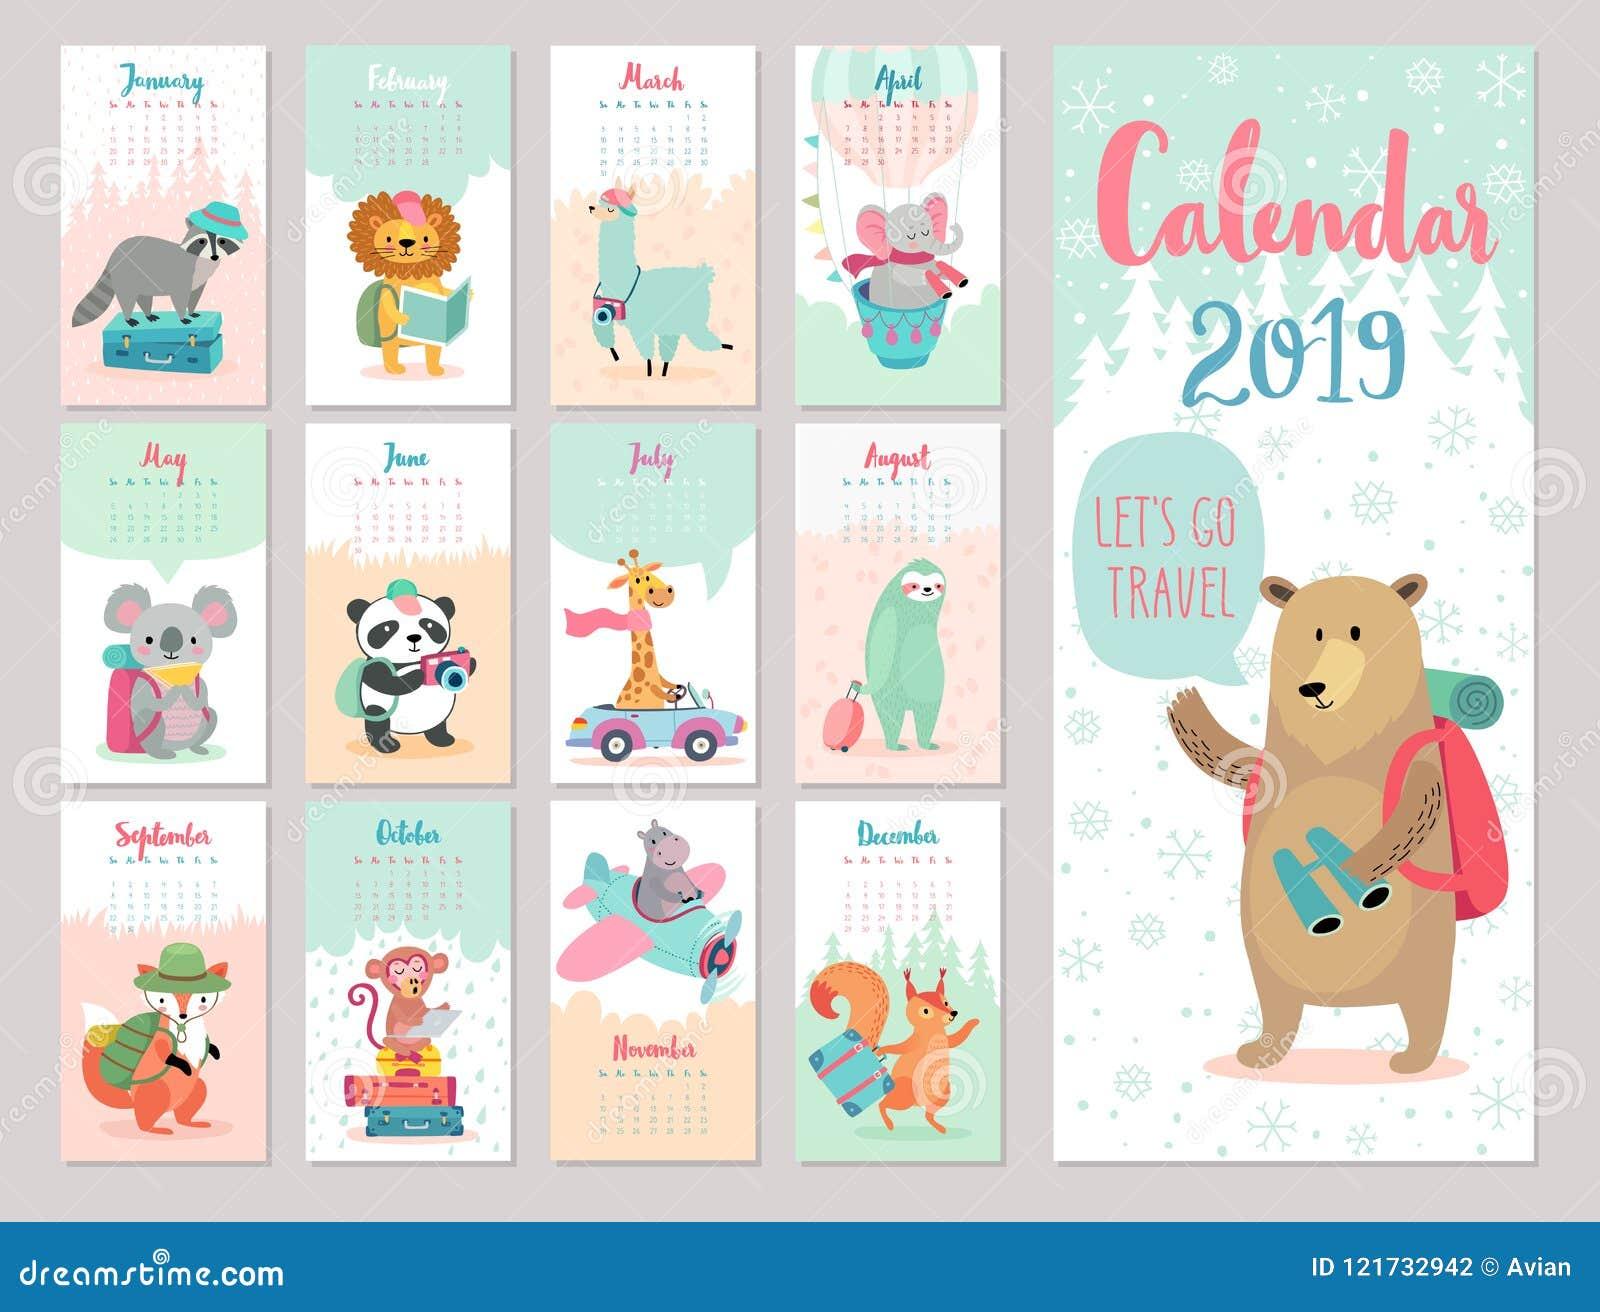 Kalender 2019 Netter Monatskalender mit Waldtieren